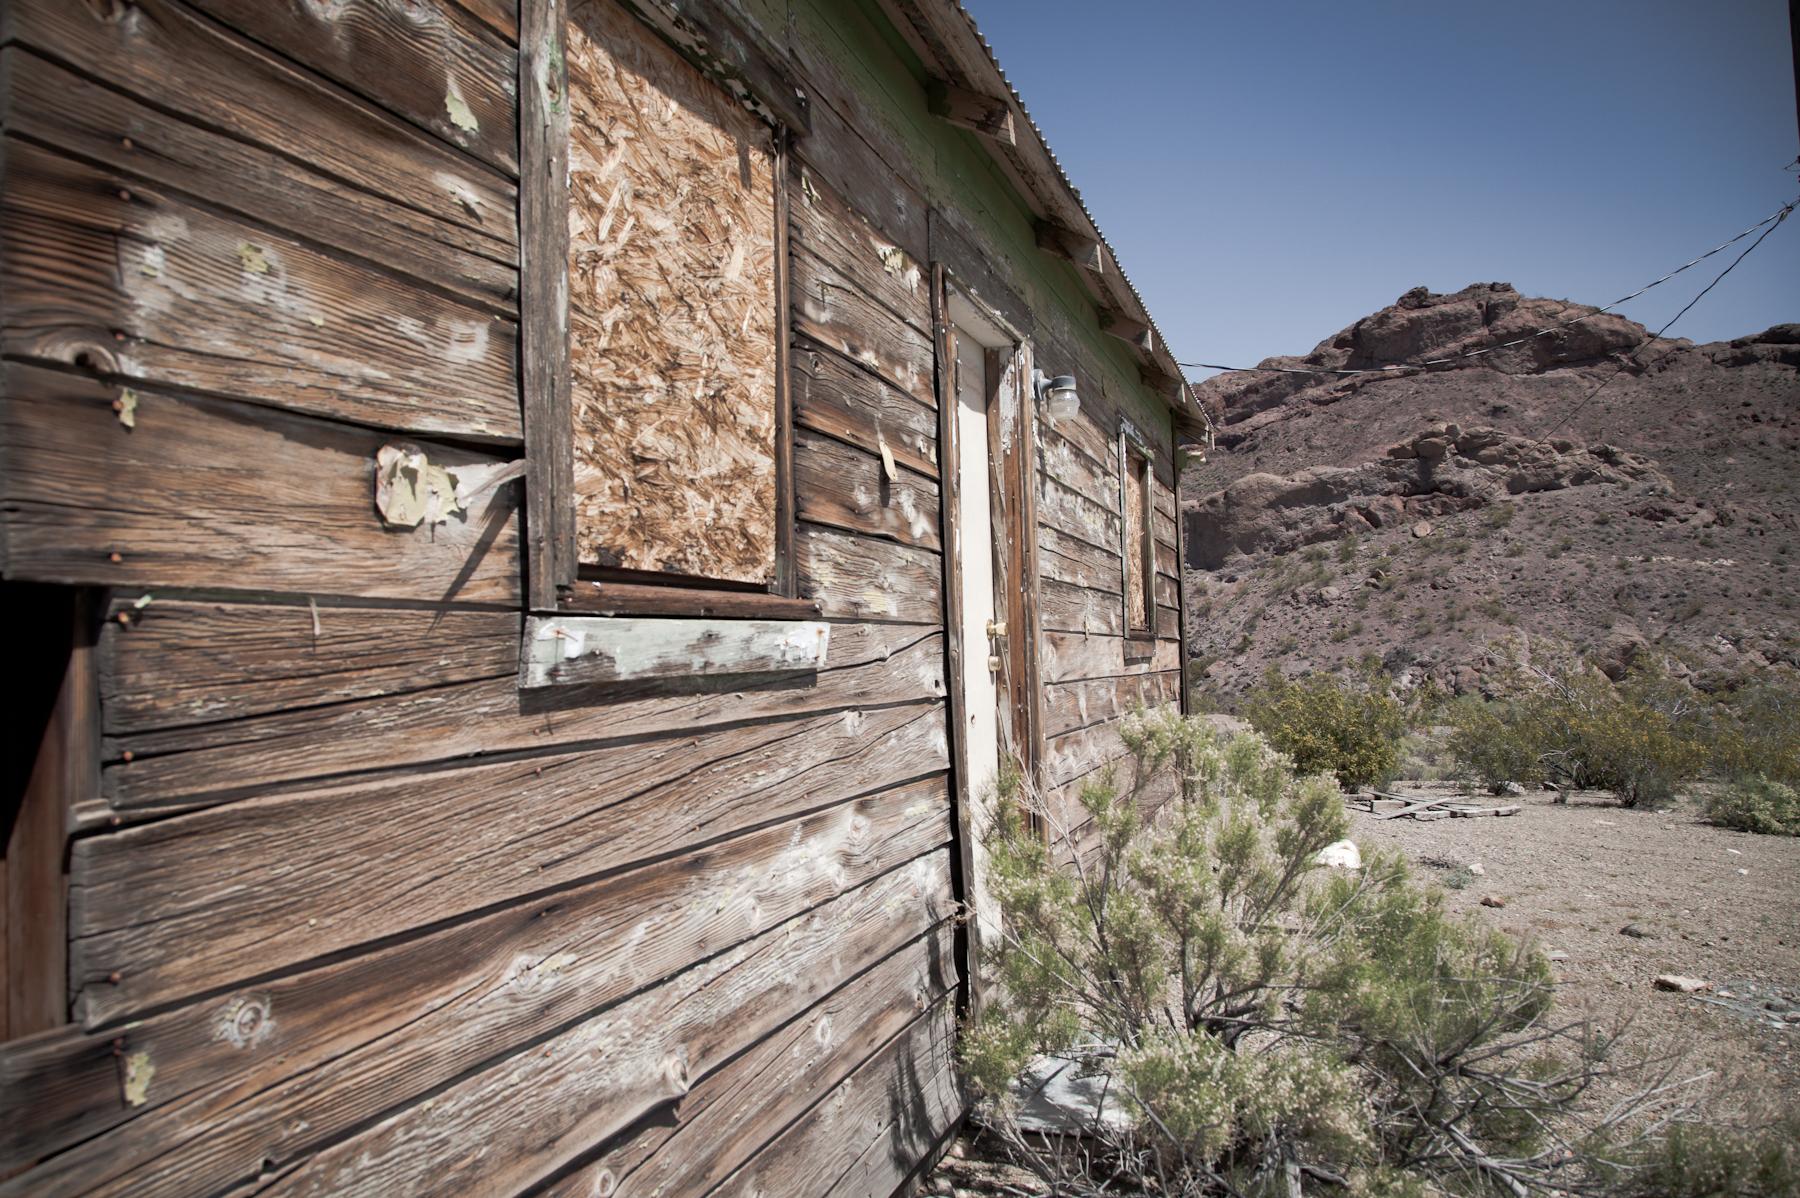 NevadaAbandoned-39.jpg